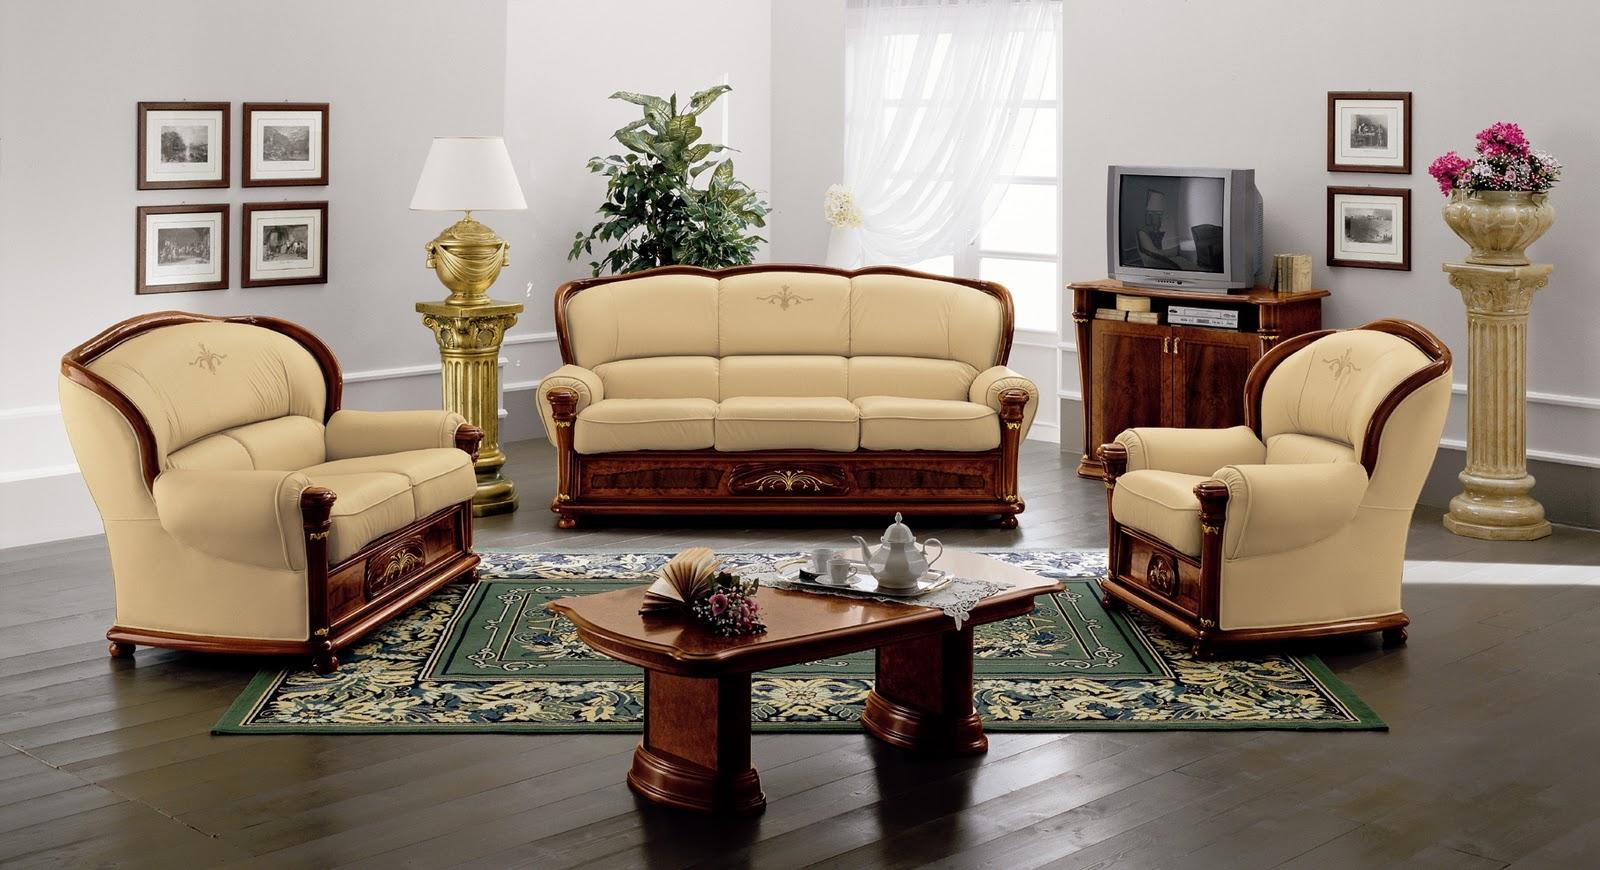 Living Room Sofa Design Photos | Living Room Interior Designs